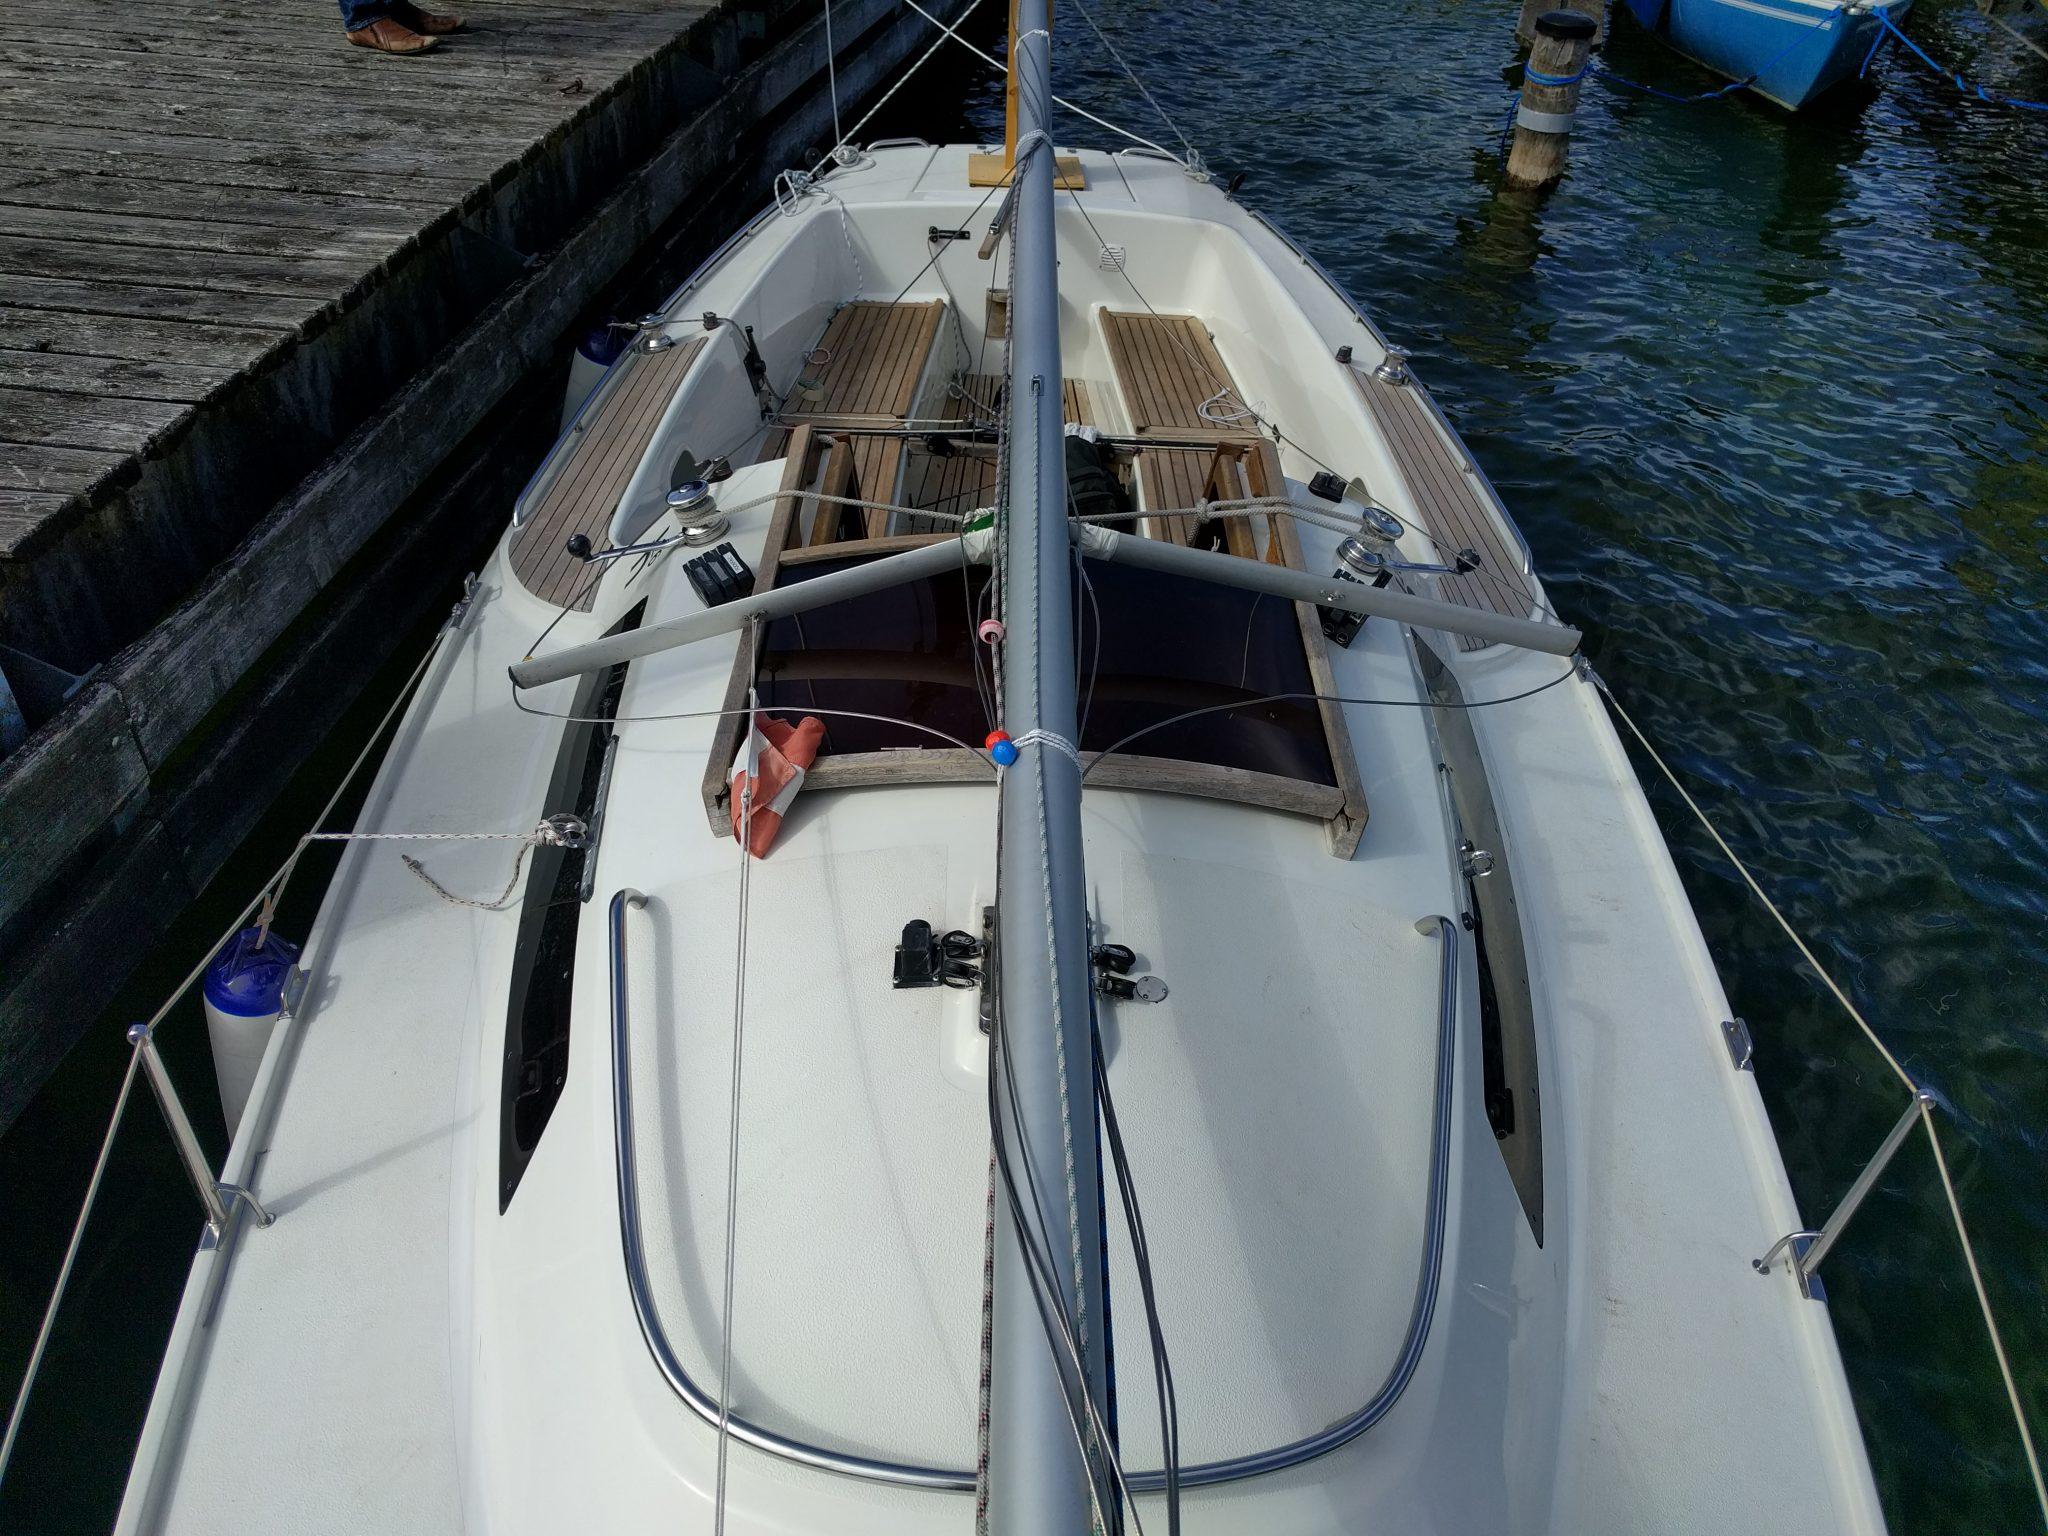 Der umgelegte Mast vorne und hinten am Segelboot befestigt